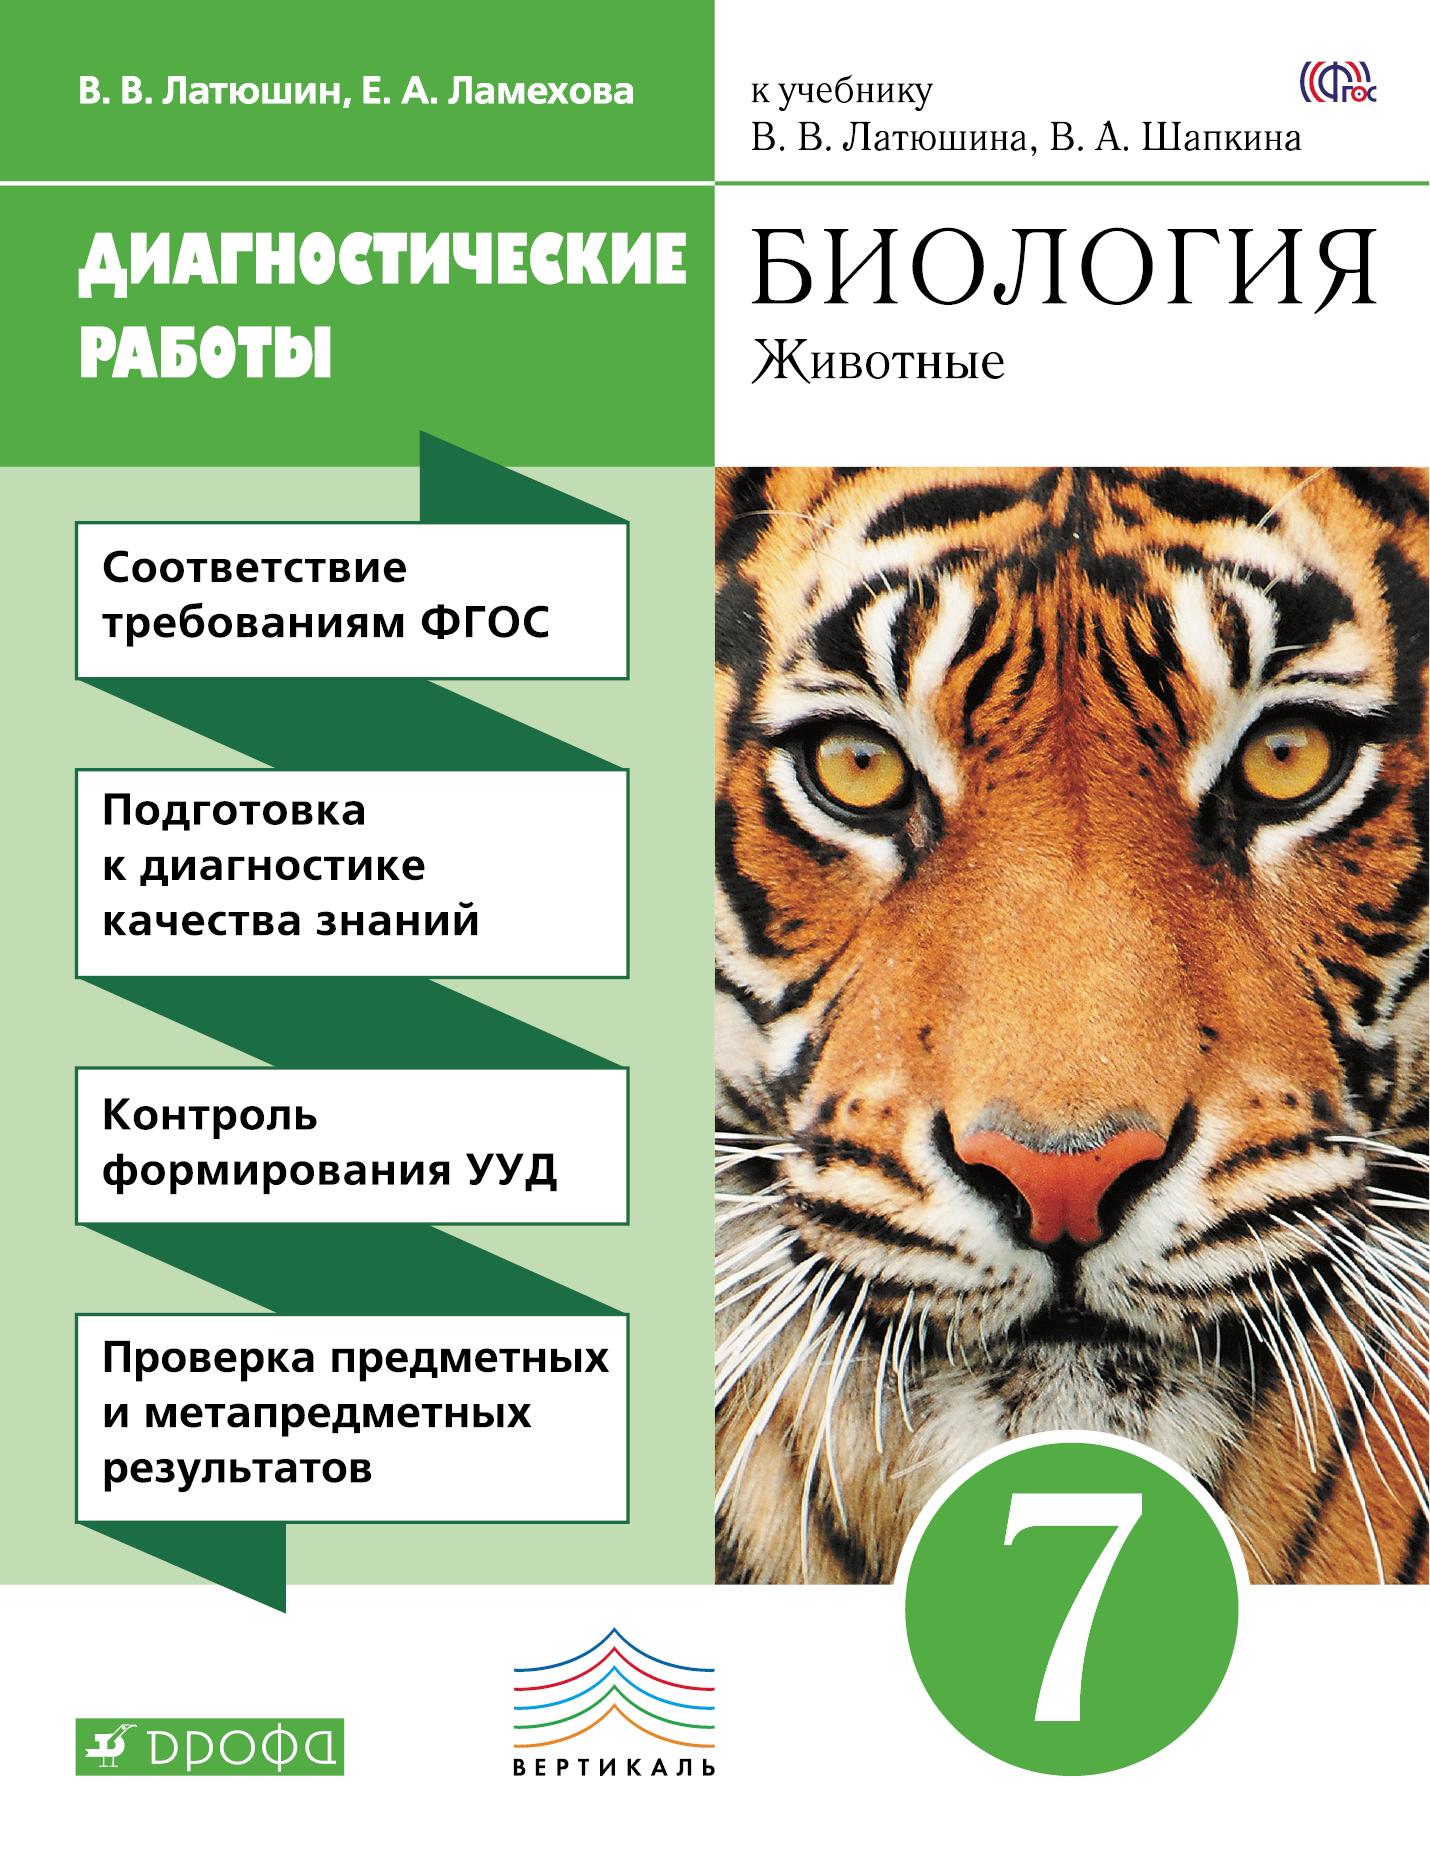 Биология. Животные. 7 класс. Диагностические работы